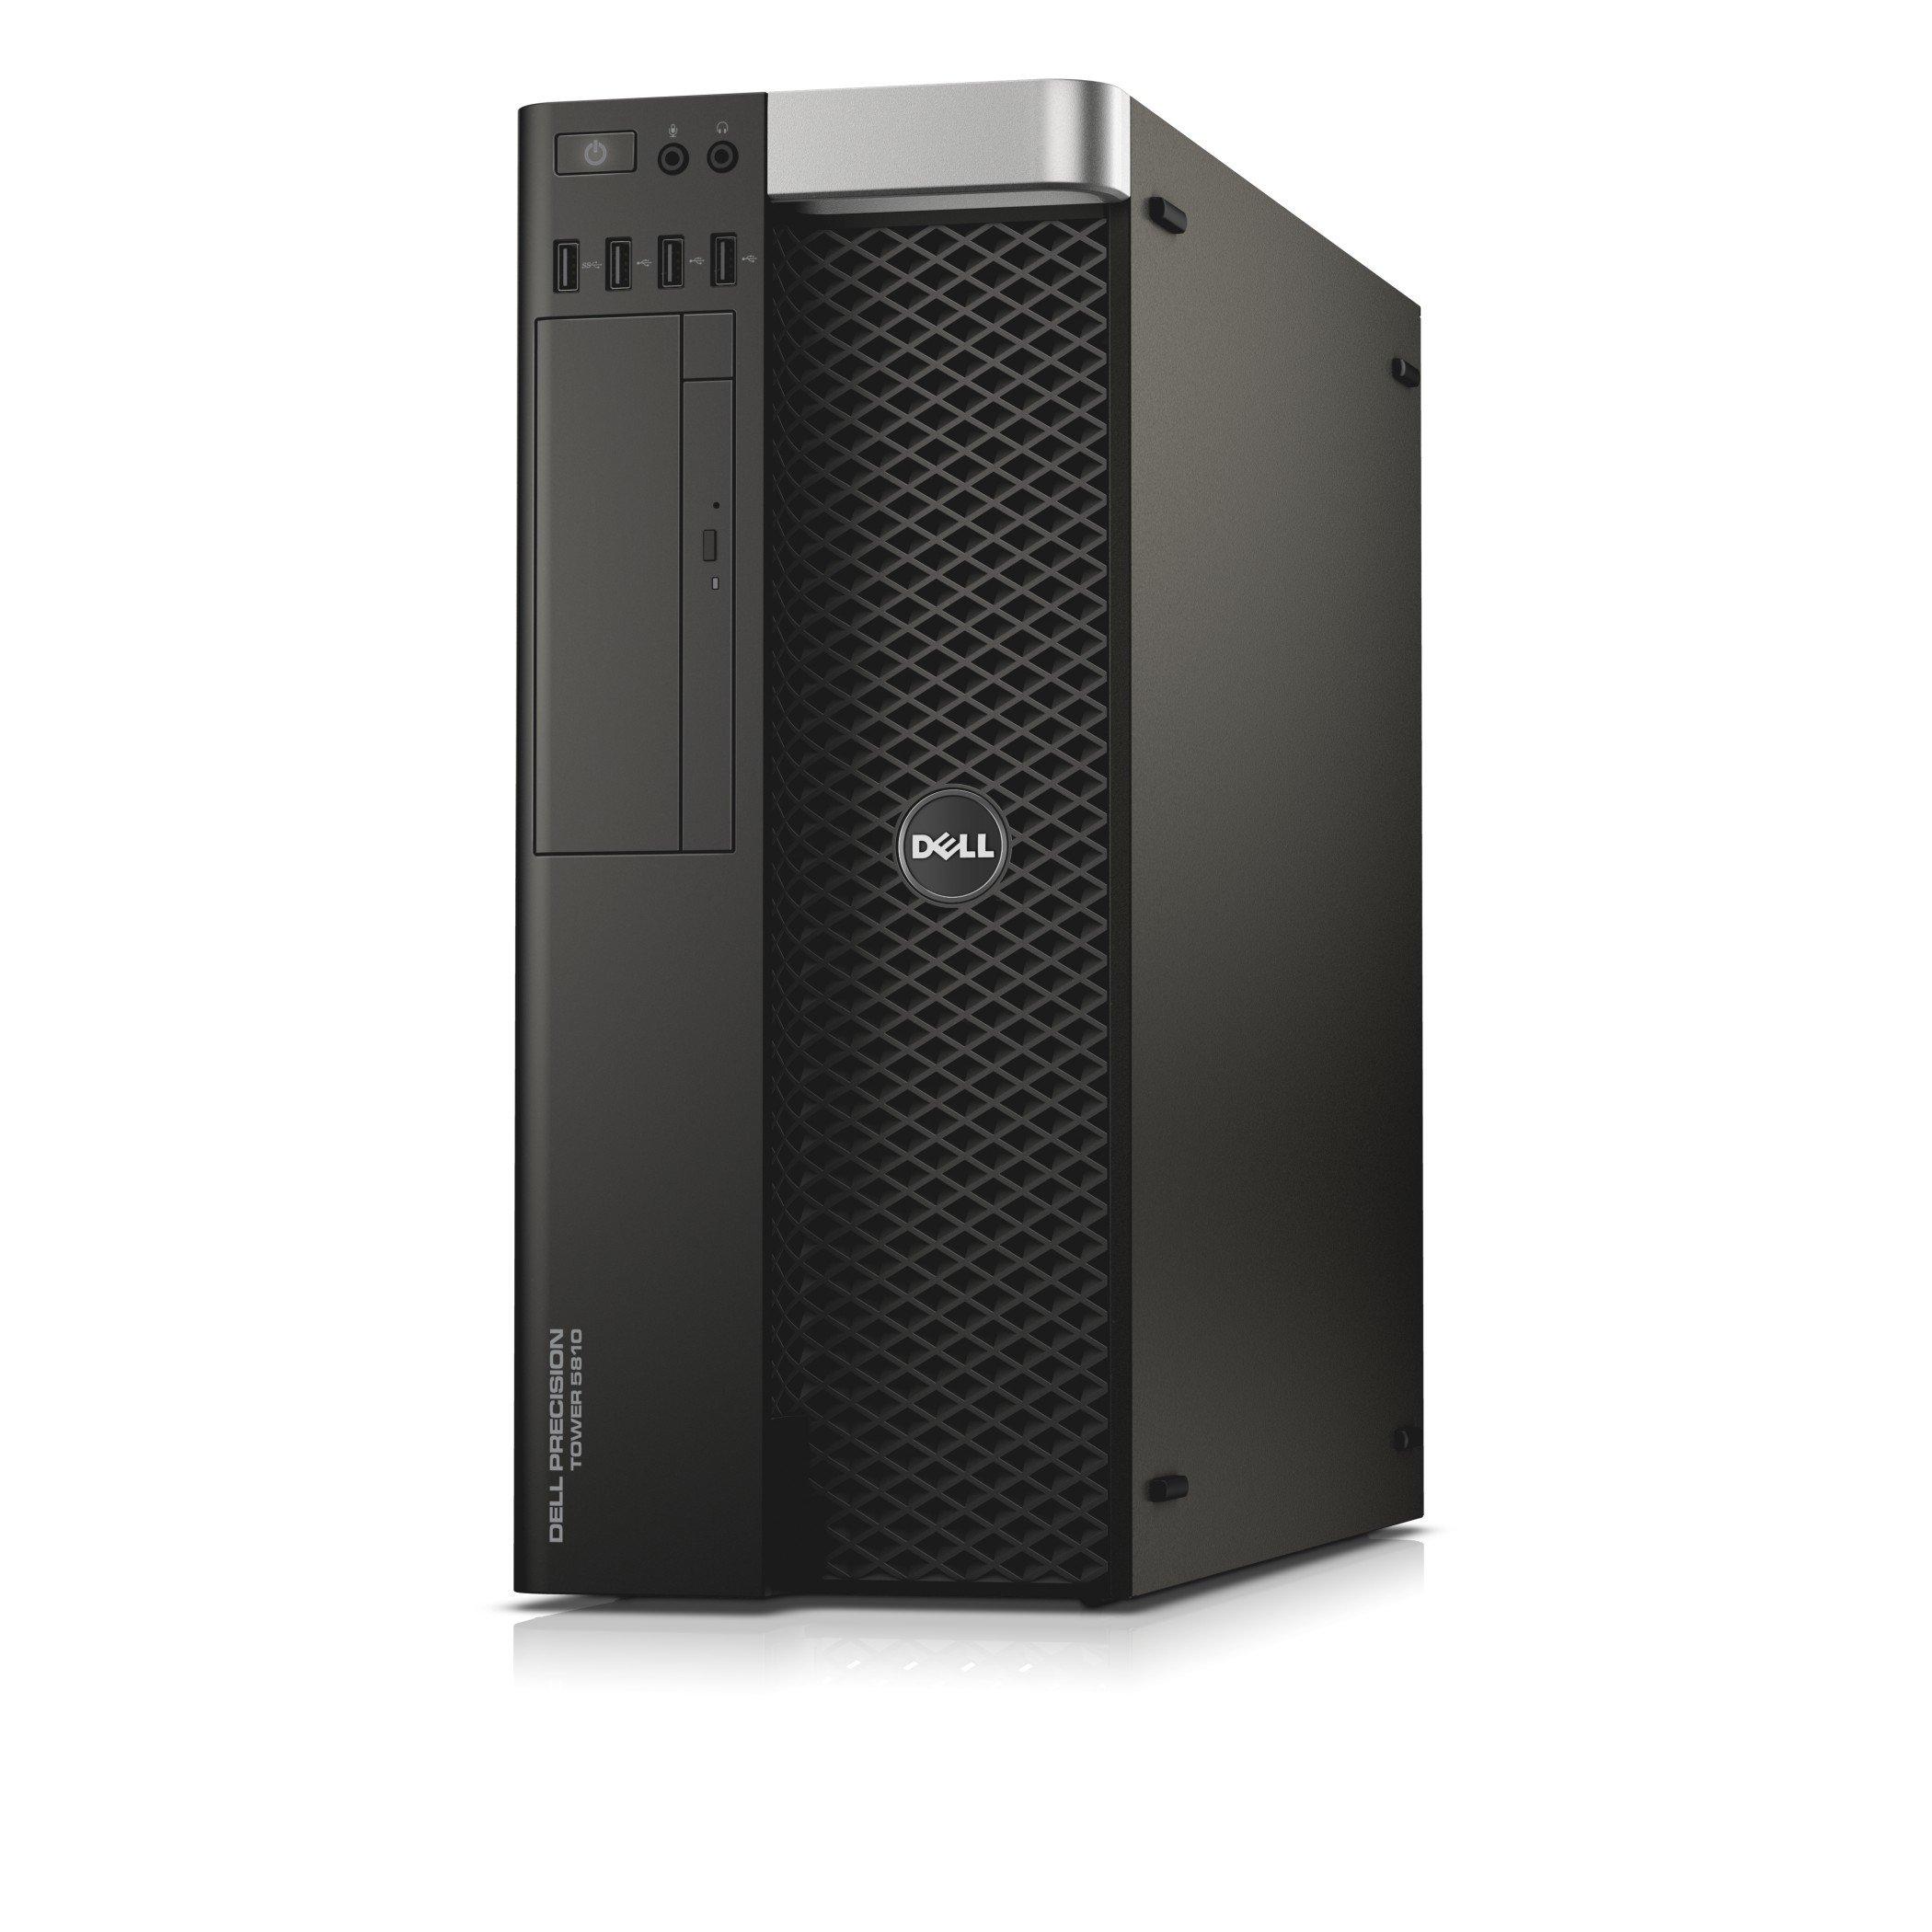 Dell Precision T5810 Workstation Desktop Computer, Intel E5-1650 v4, 32GB DDR4, 1TB Hard Drive, Windows 10 Pro PRT5810-1093 by Dell